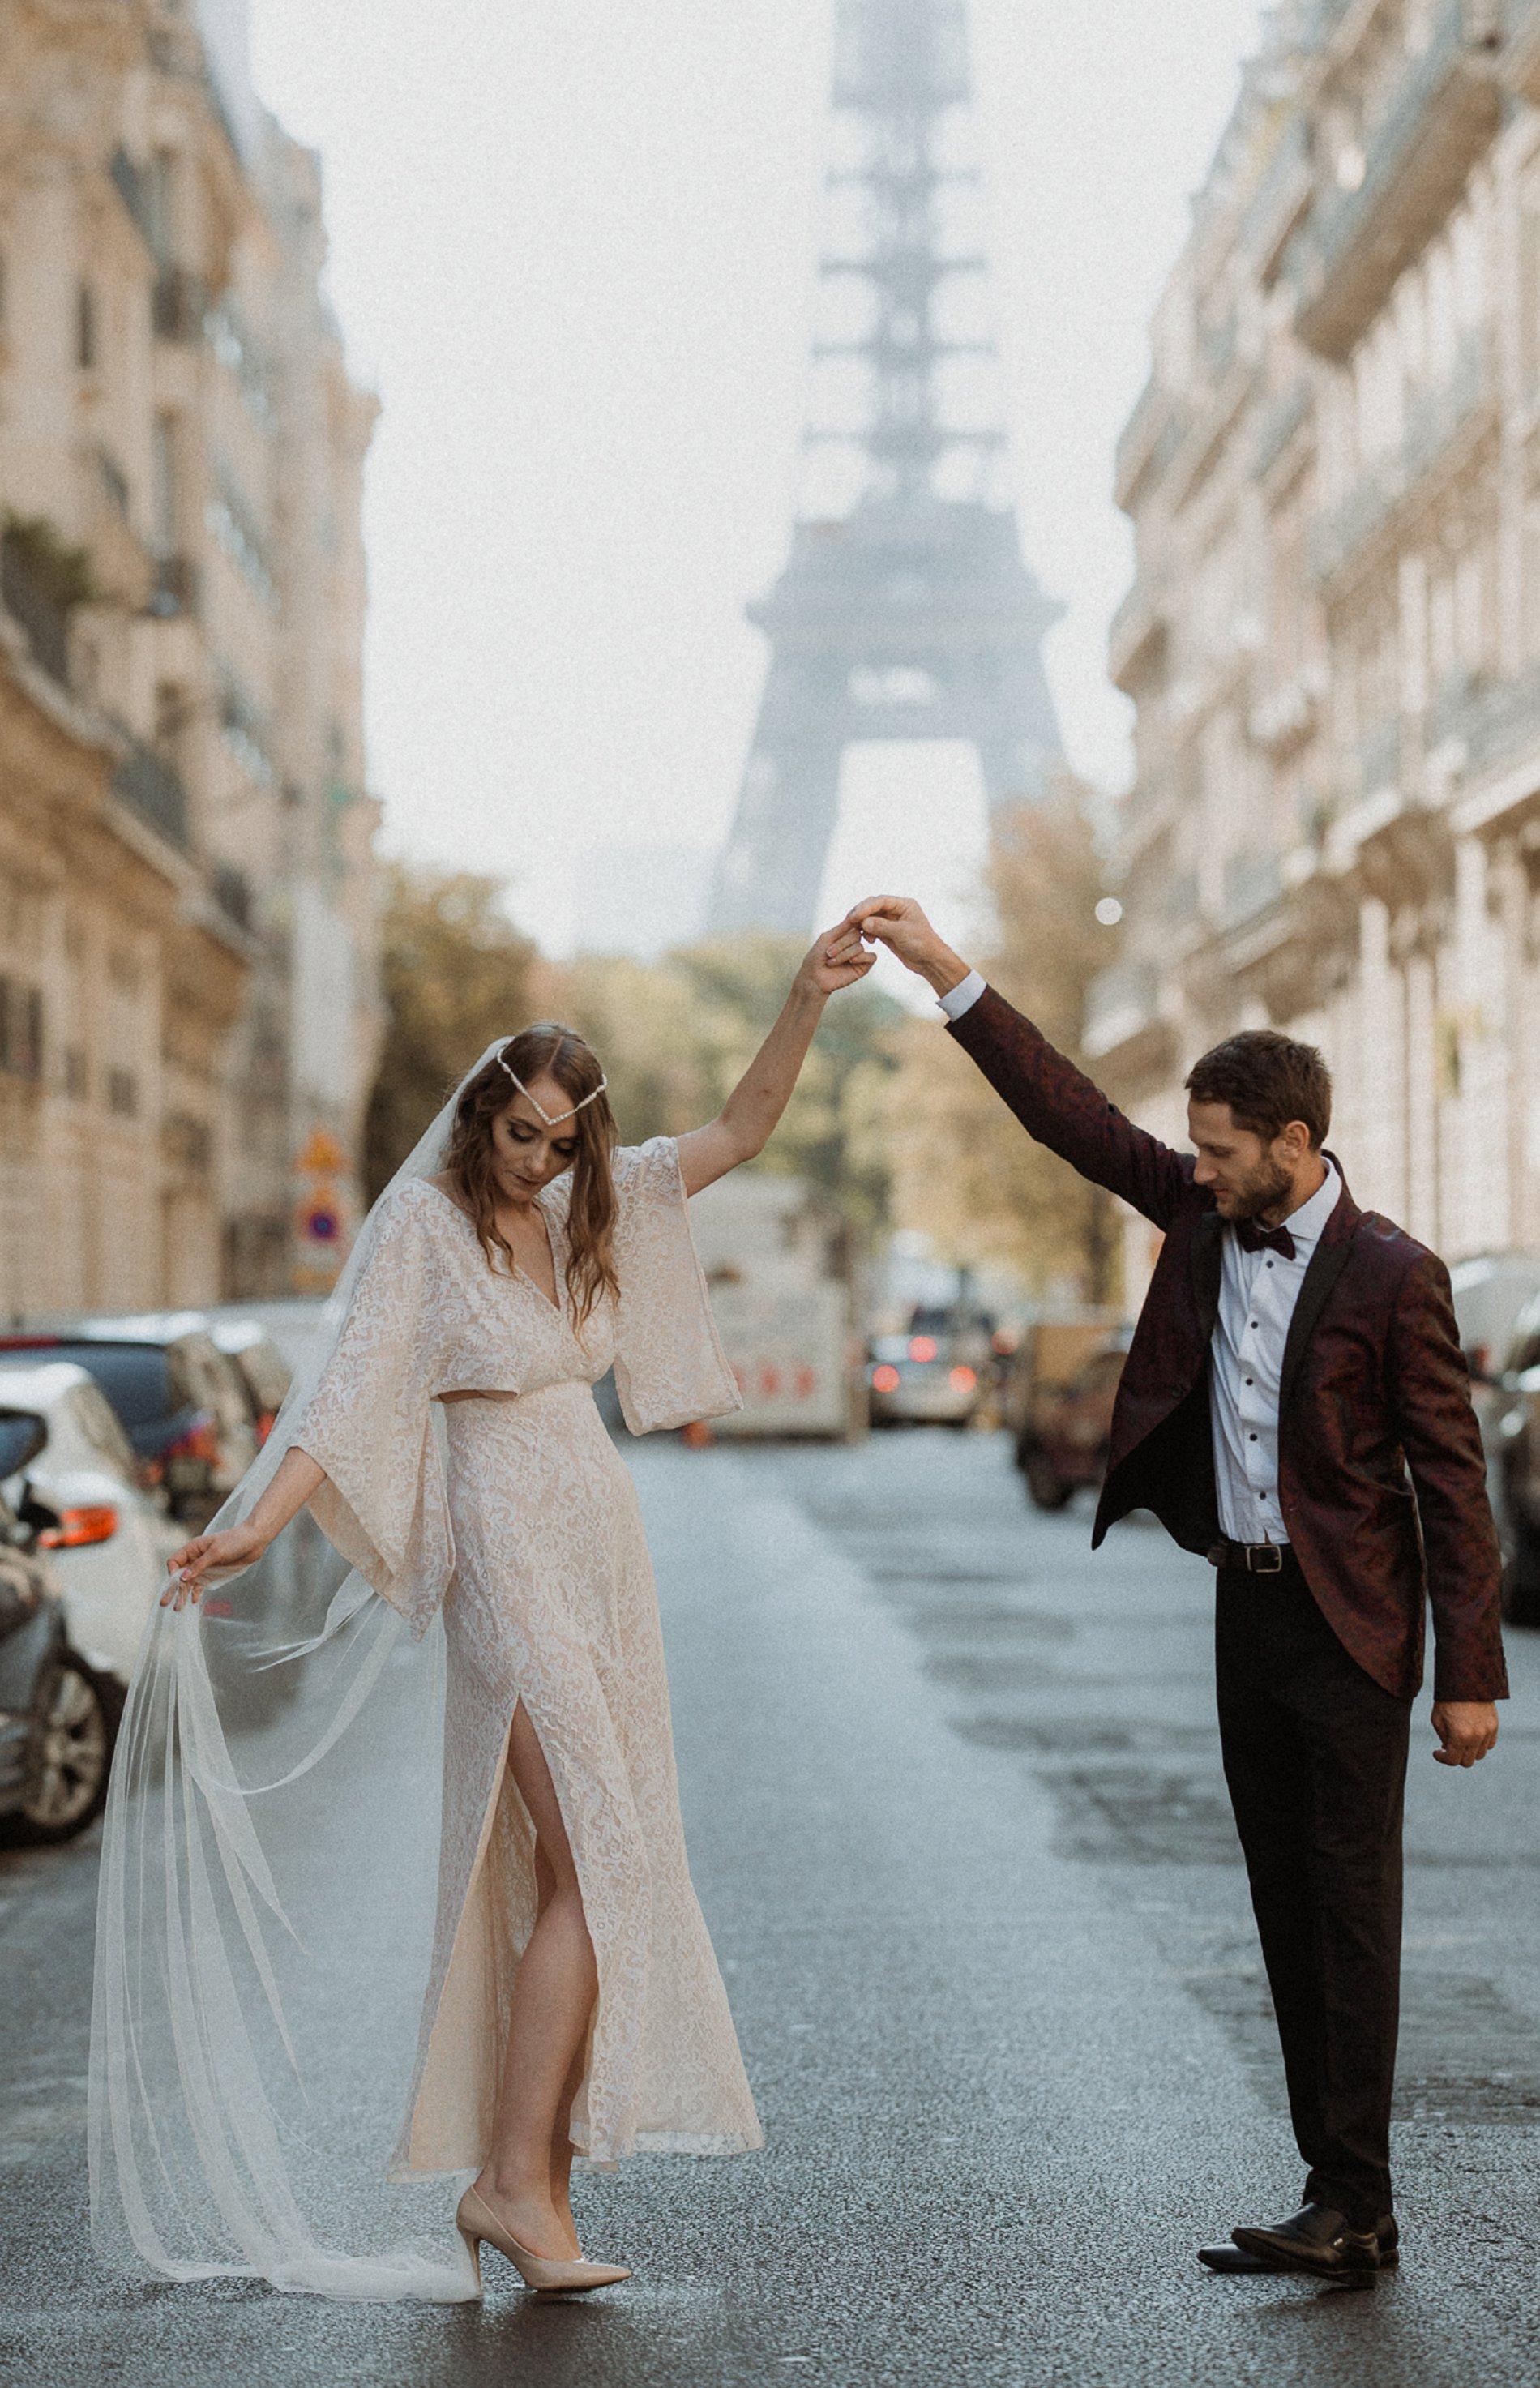 Miss He Bridal Romantic Paris Elopement (c) Xanthe Rowland Photography (2)